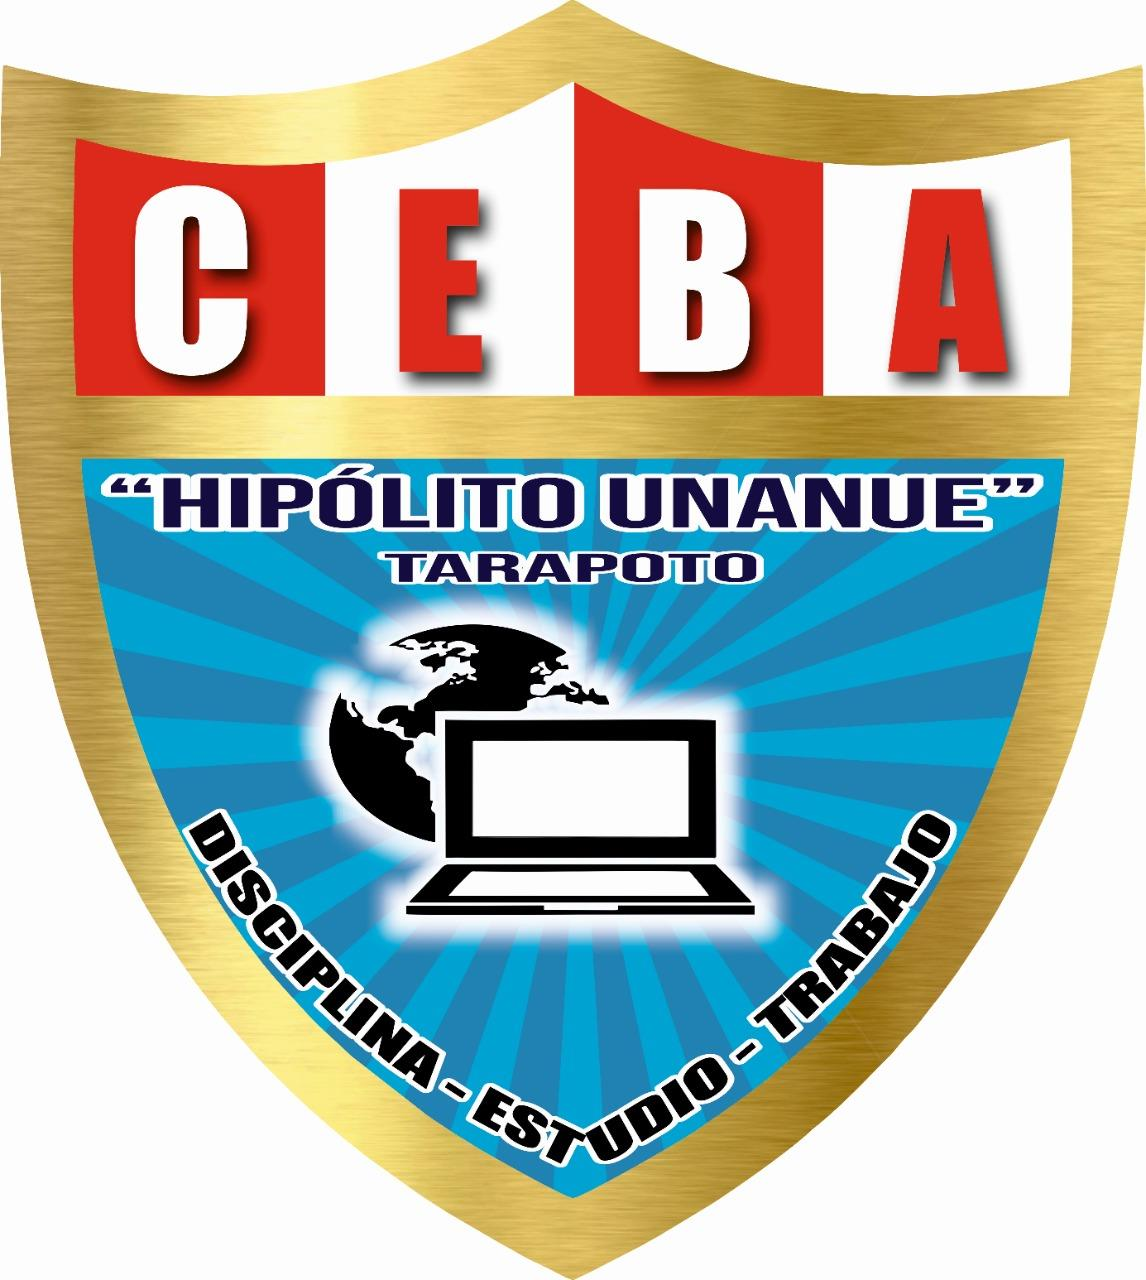 CEBA HIPOLITO UNANUE